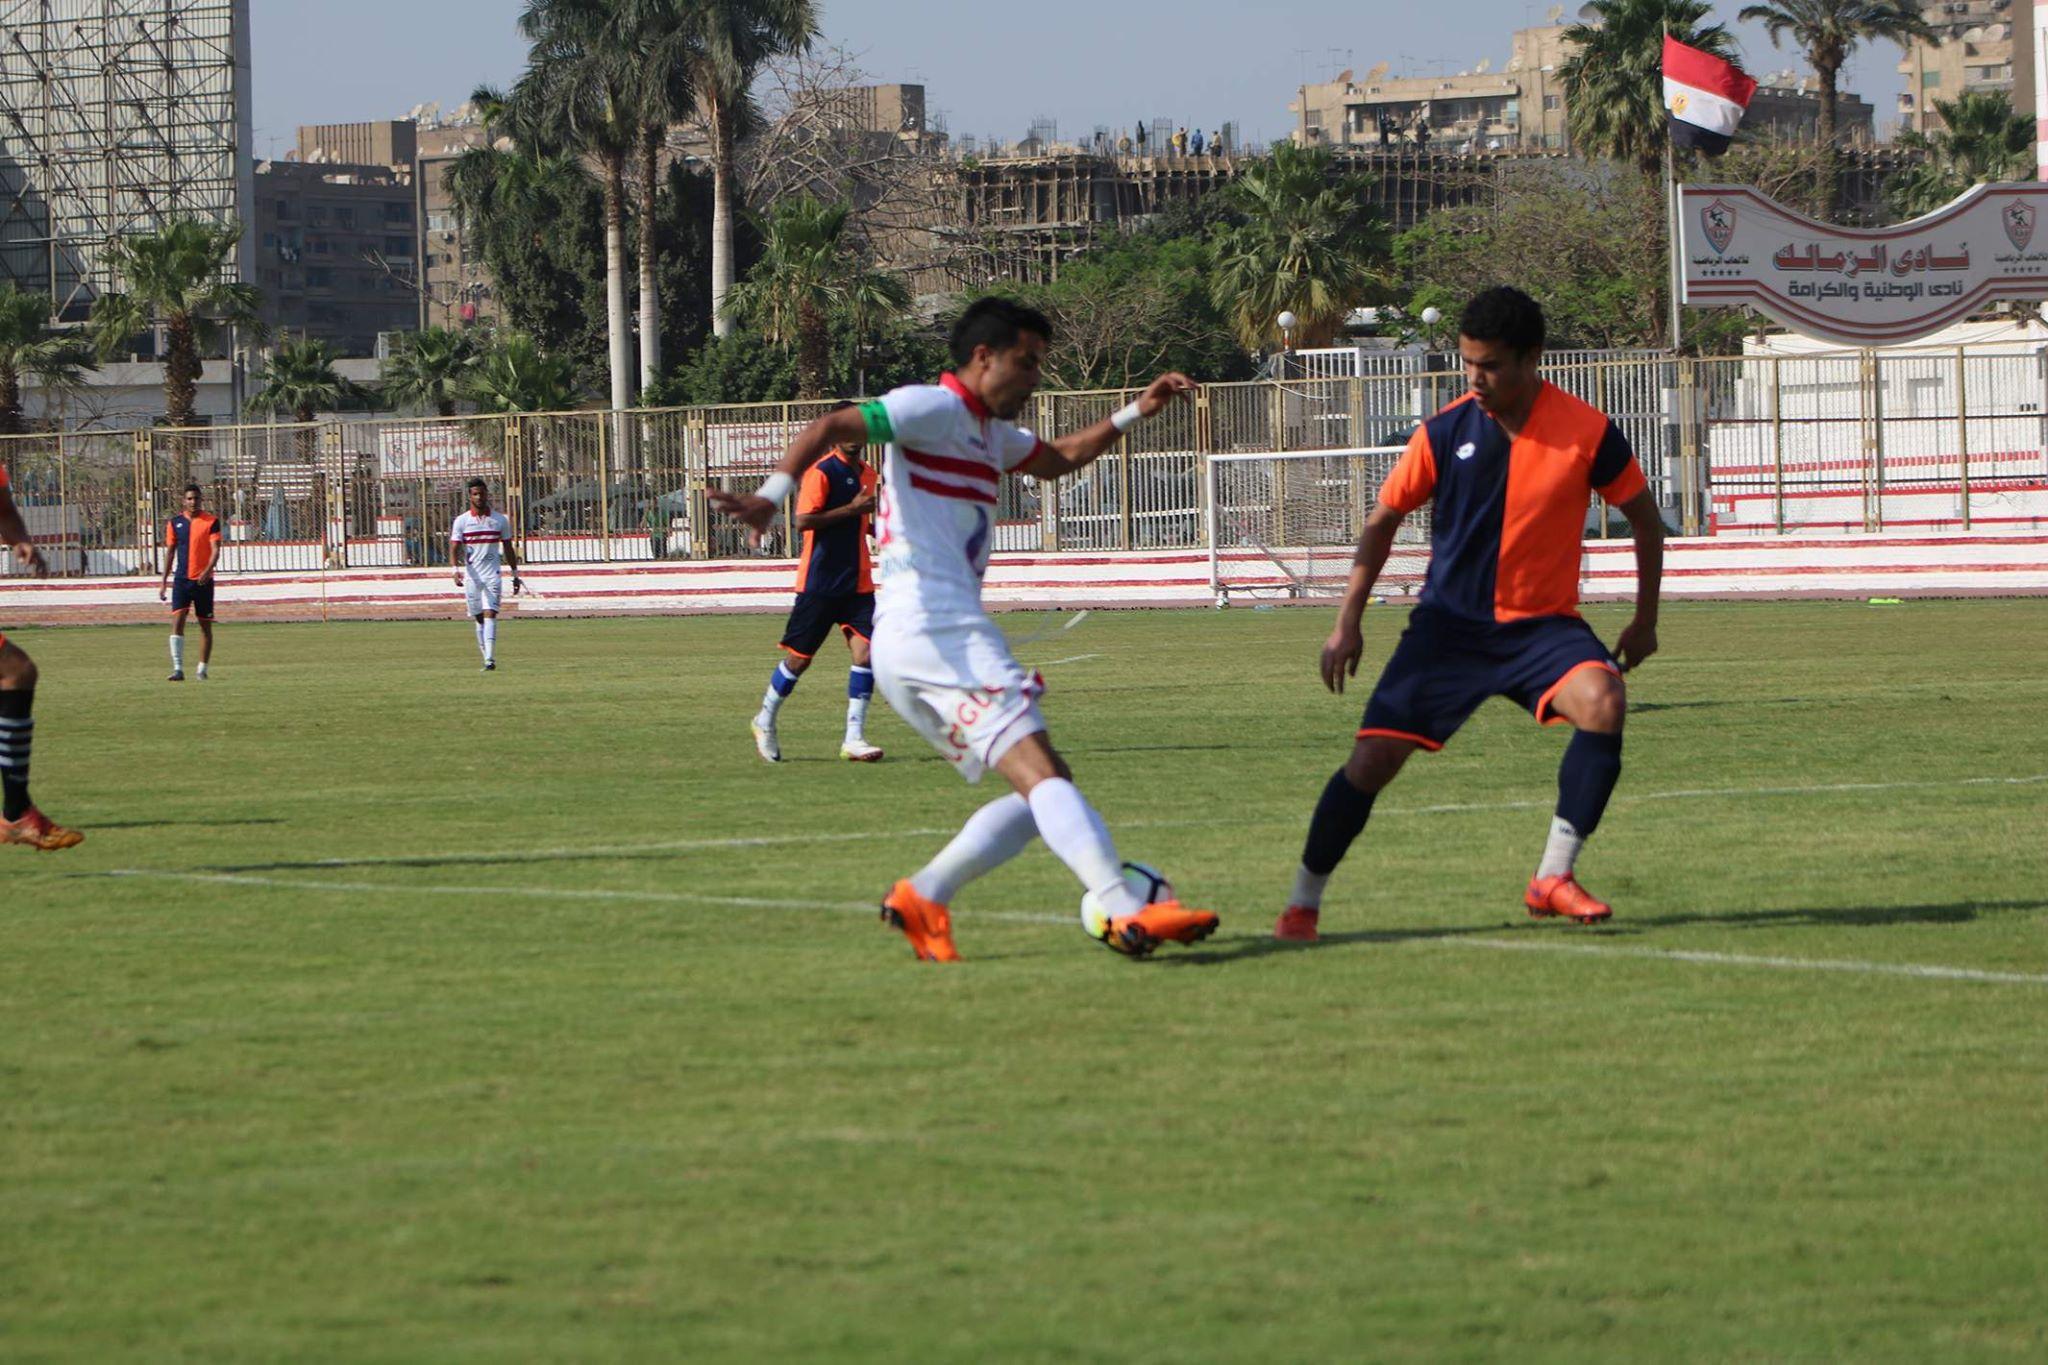 ودية الزمالك و كهرباء القاهرة (2)